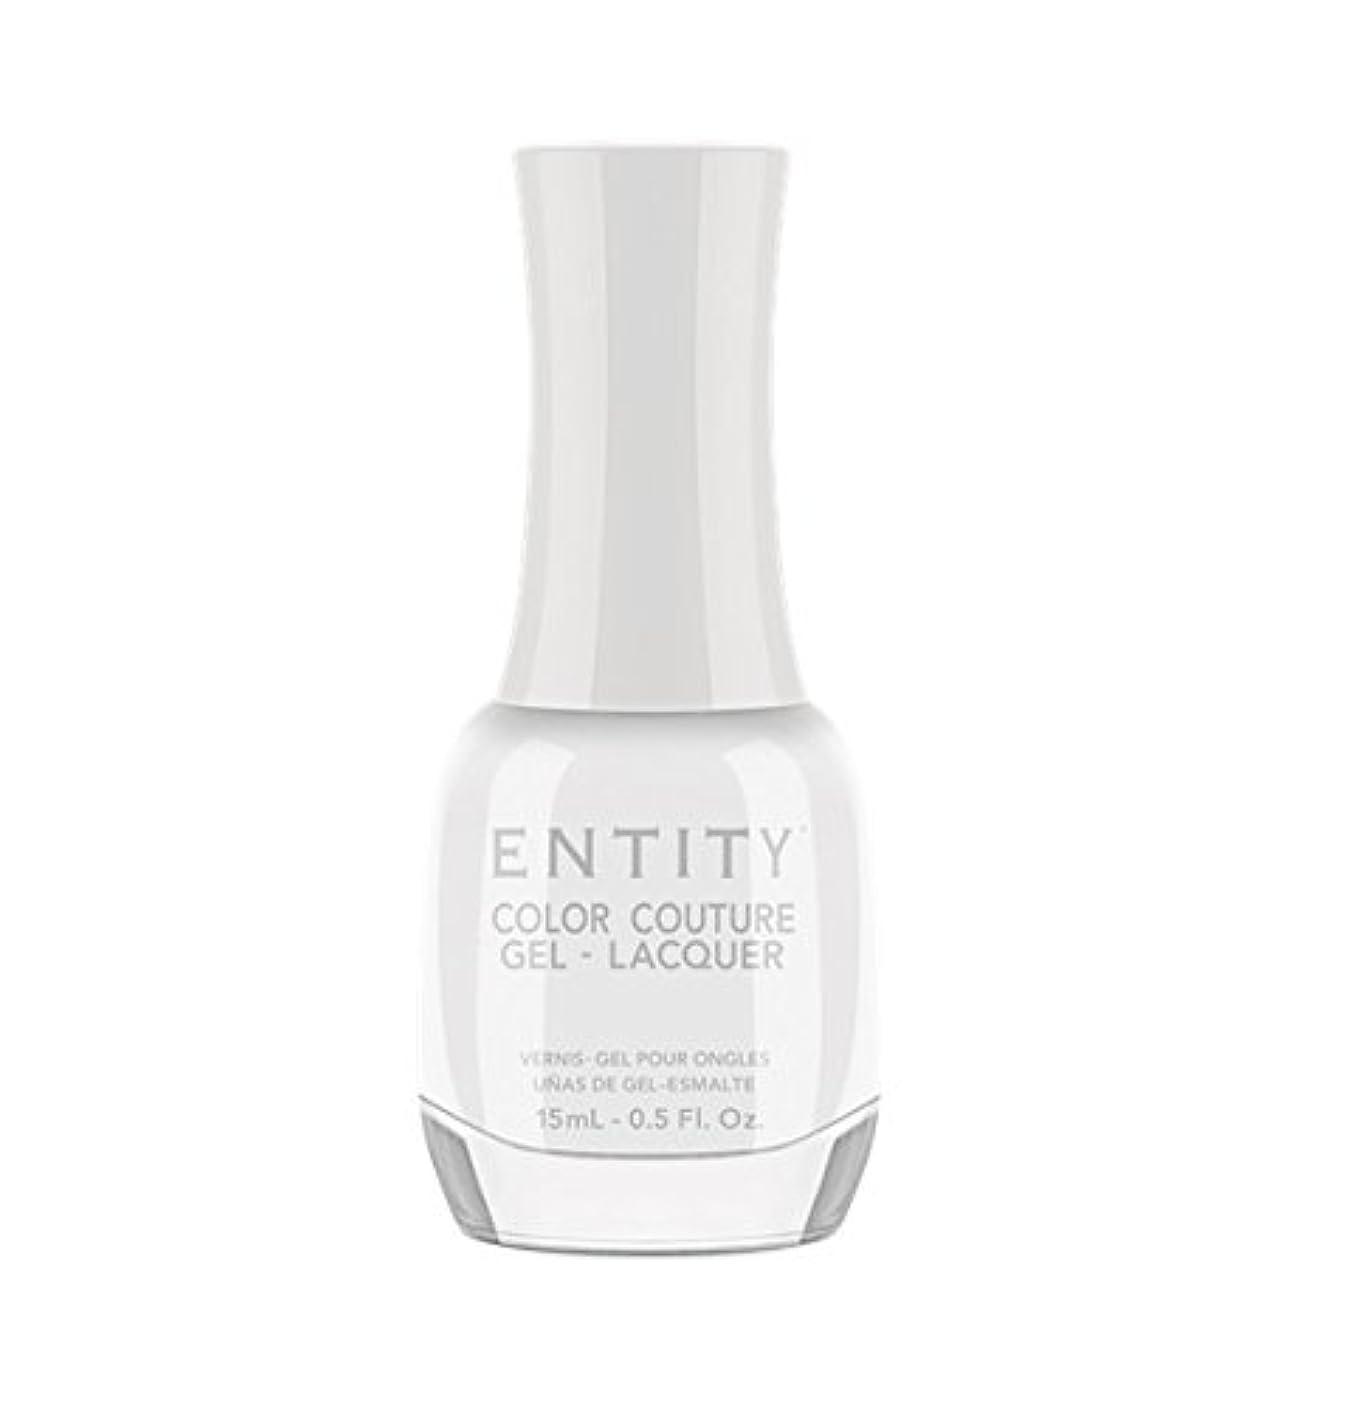 プロペラ掘るEntity Color Couture Gel-Lacquer - White Light - 15 ml/0.5 oz